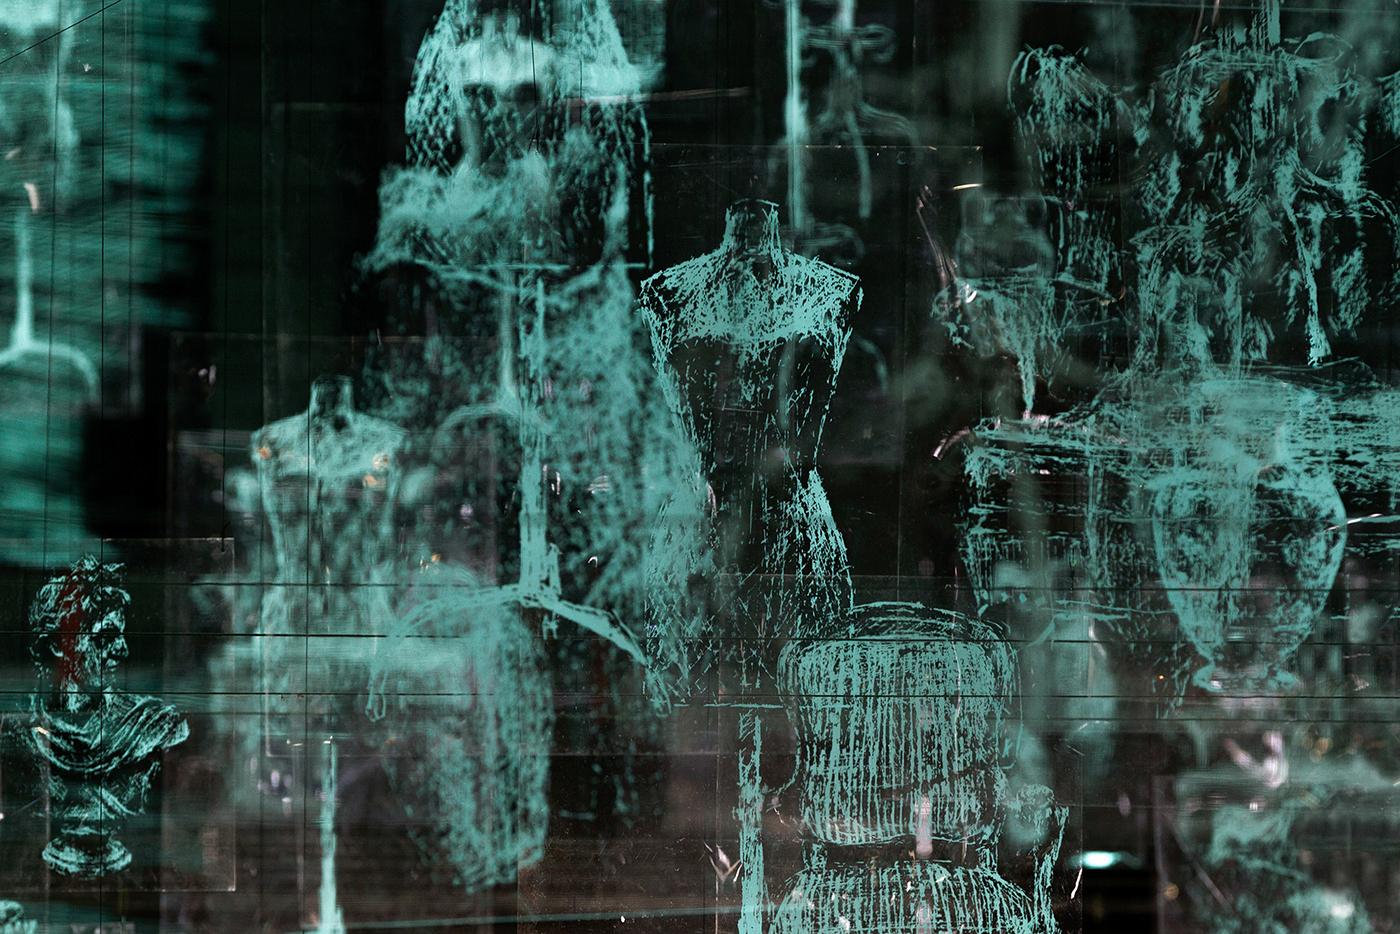 MATIÈRE NOIRE, exhibition by Gonzalo Borondo in Marseille, France Artes & contextos Matière Noire Borondo Untitled detail @ Blind Eye Factory